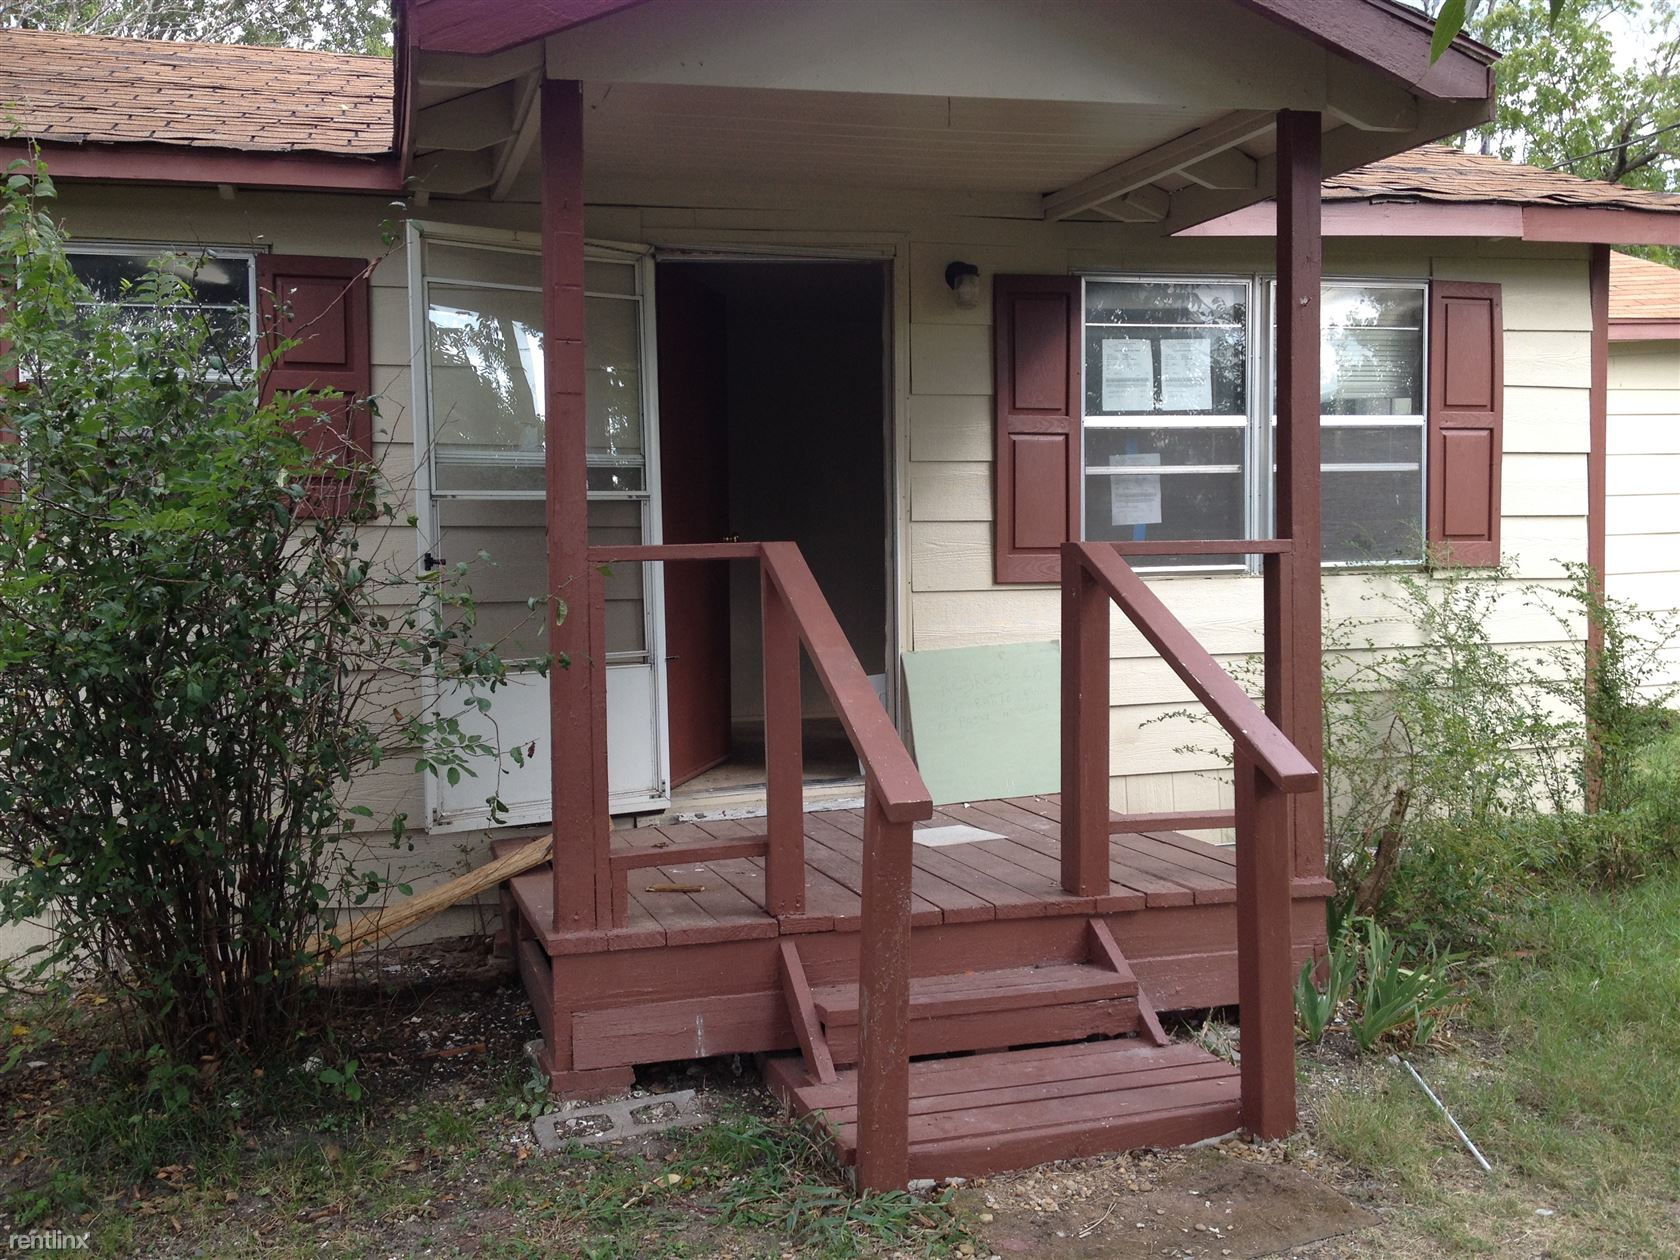 706 Stedham St, Royse City, TX - $995